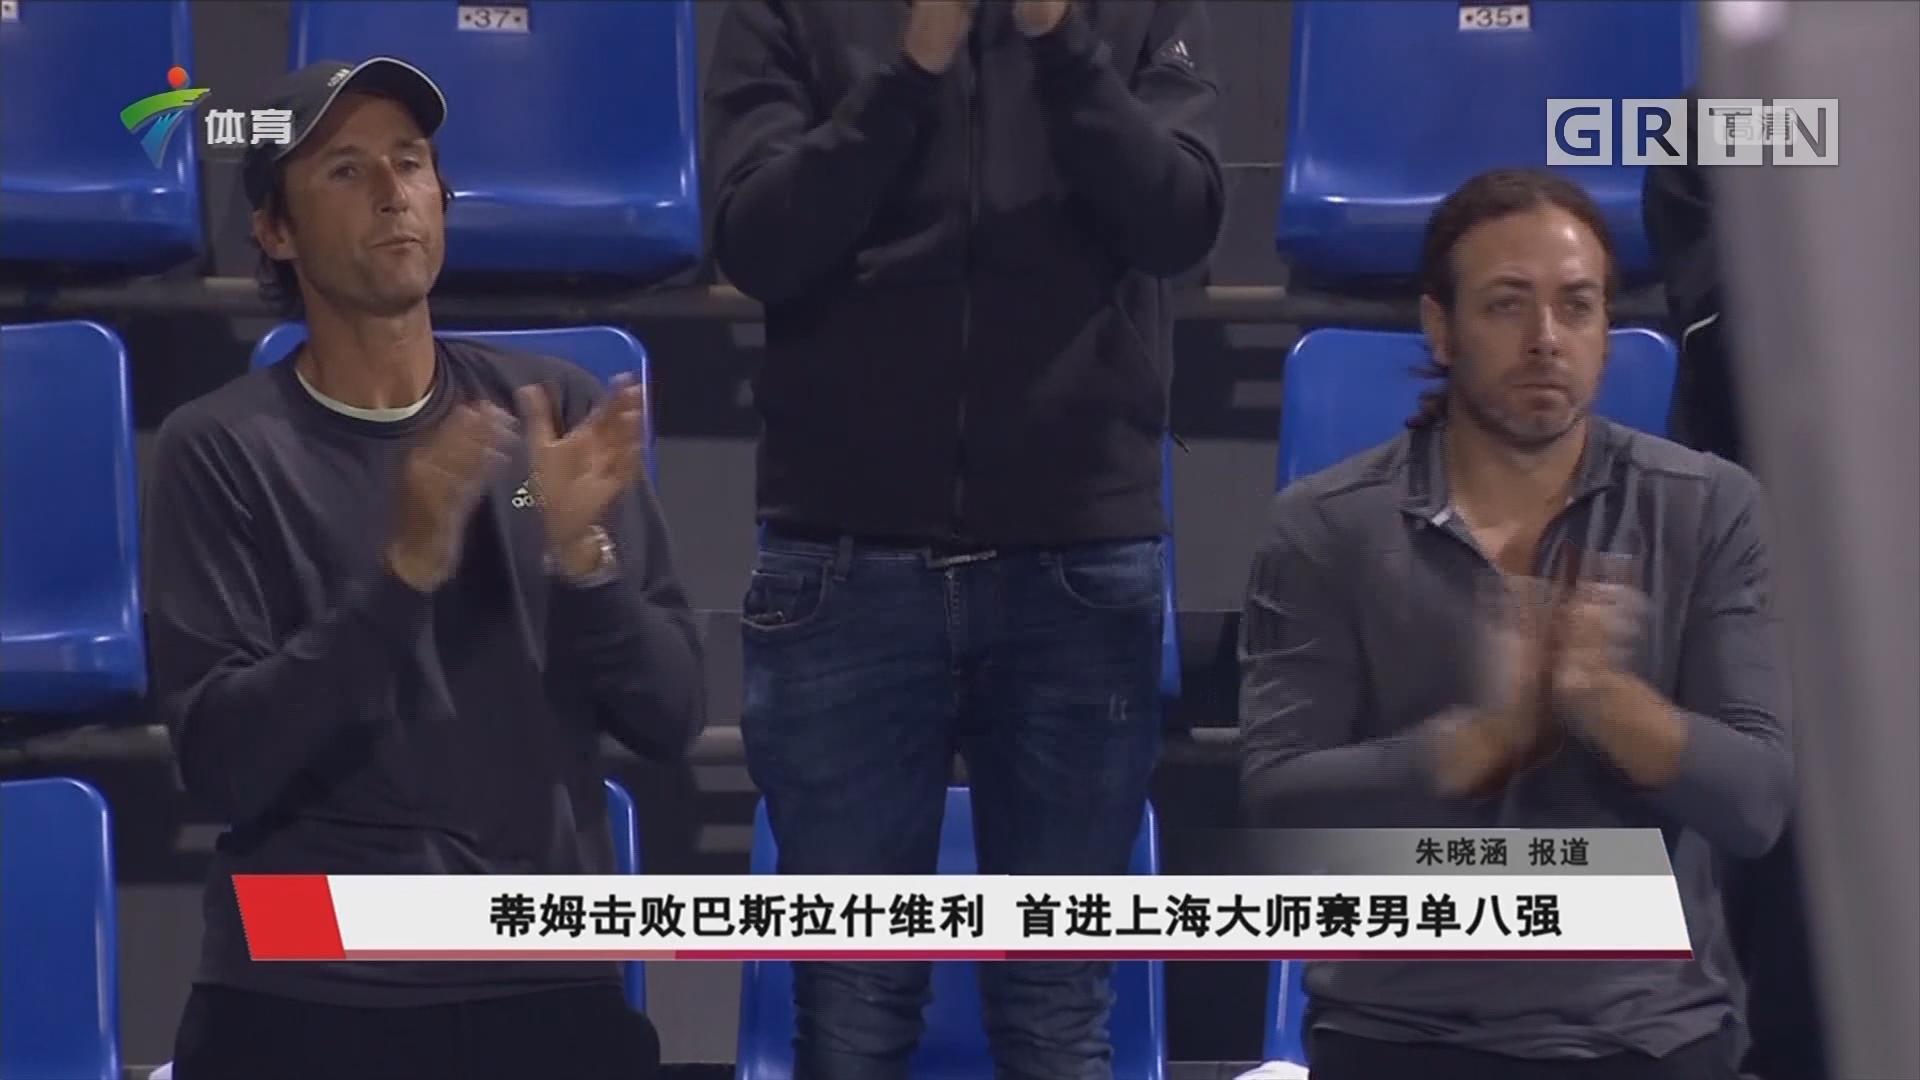 蒂姆擊敗巴斯拉什維利 首進上海大師賽男單八強